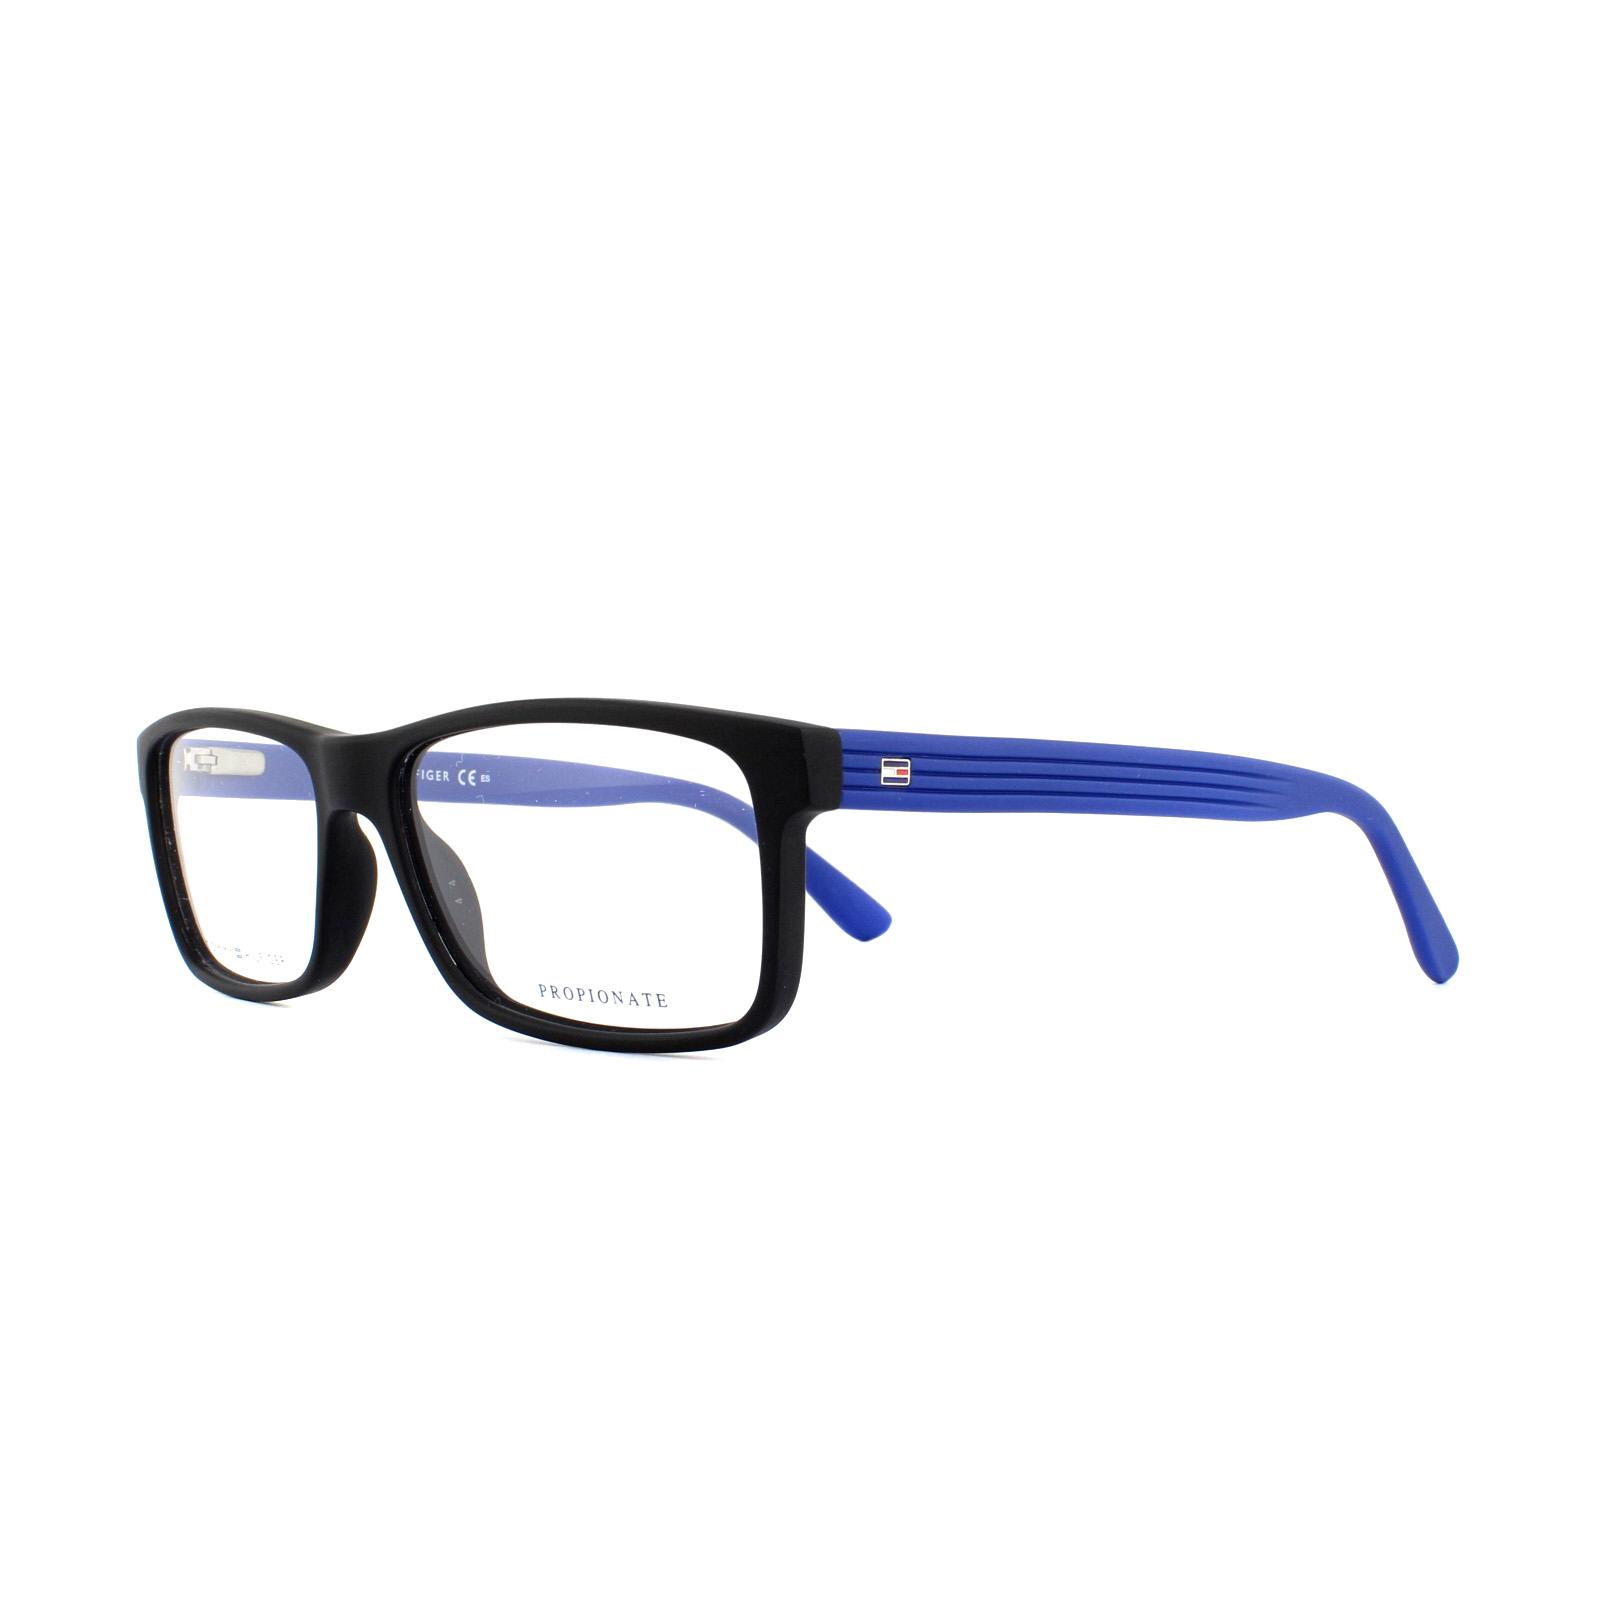 Tommy Hilfiger Glasses Frames TH 1367 K56 Blue Crystal Red 54mm